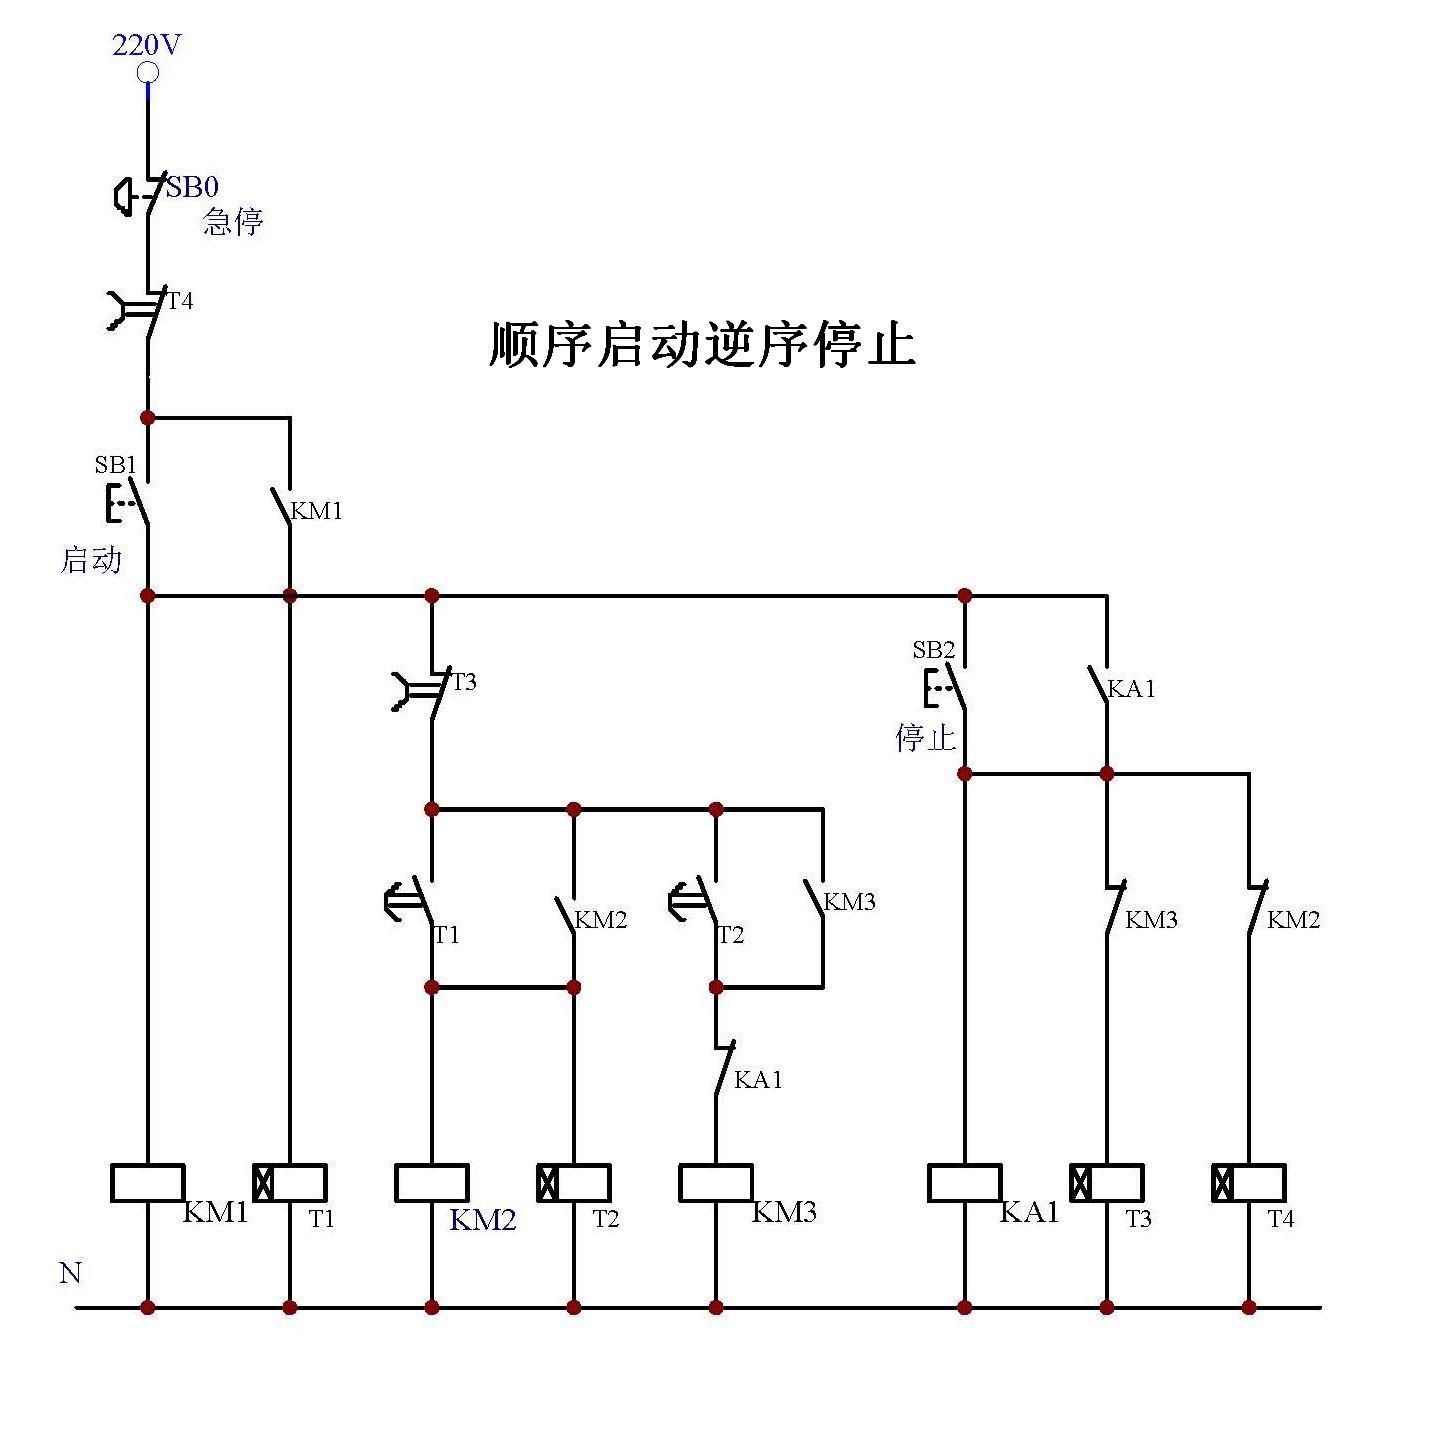 求时间继电器定时设定的原理,及其电路图